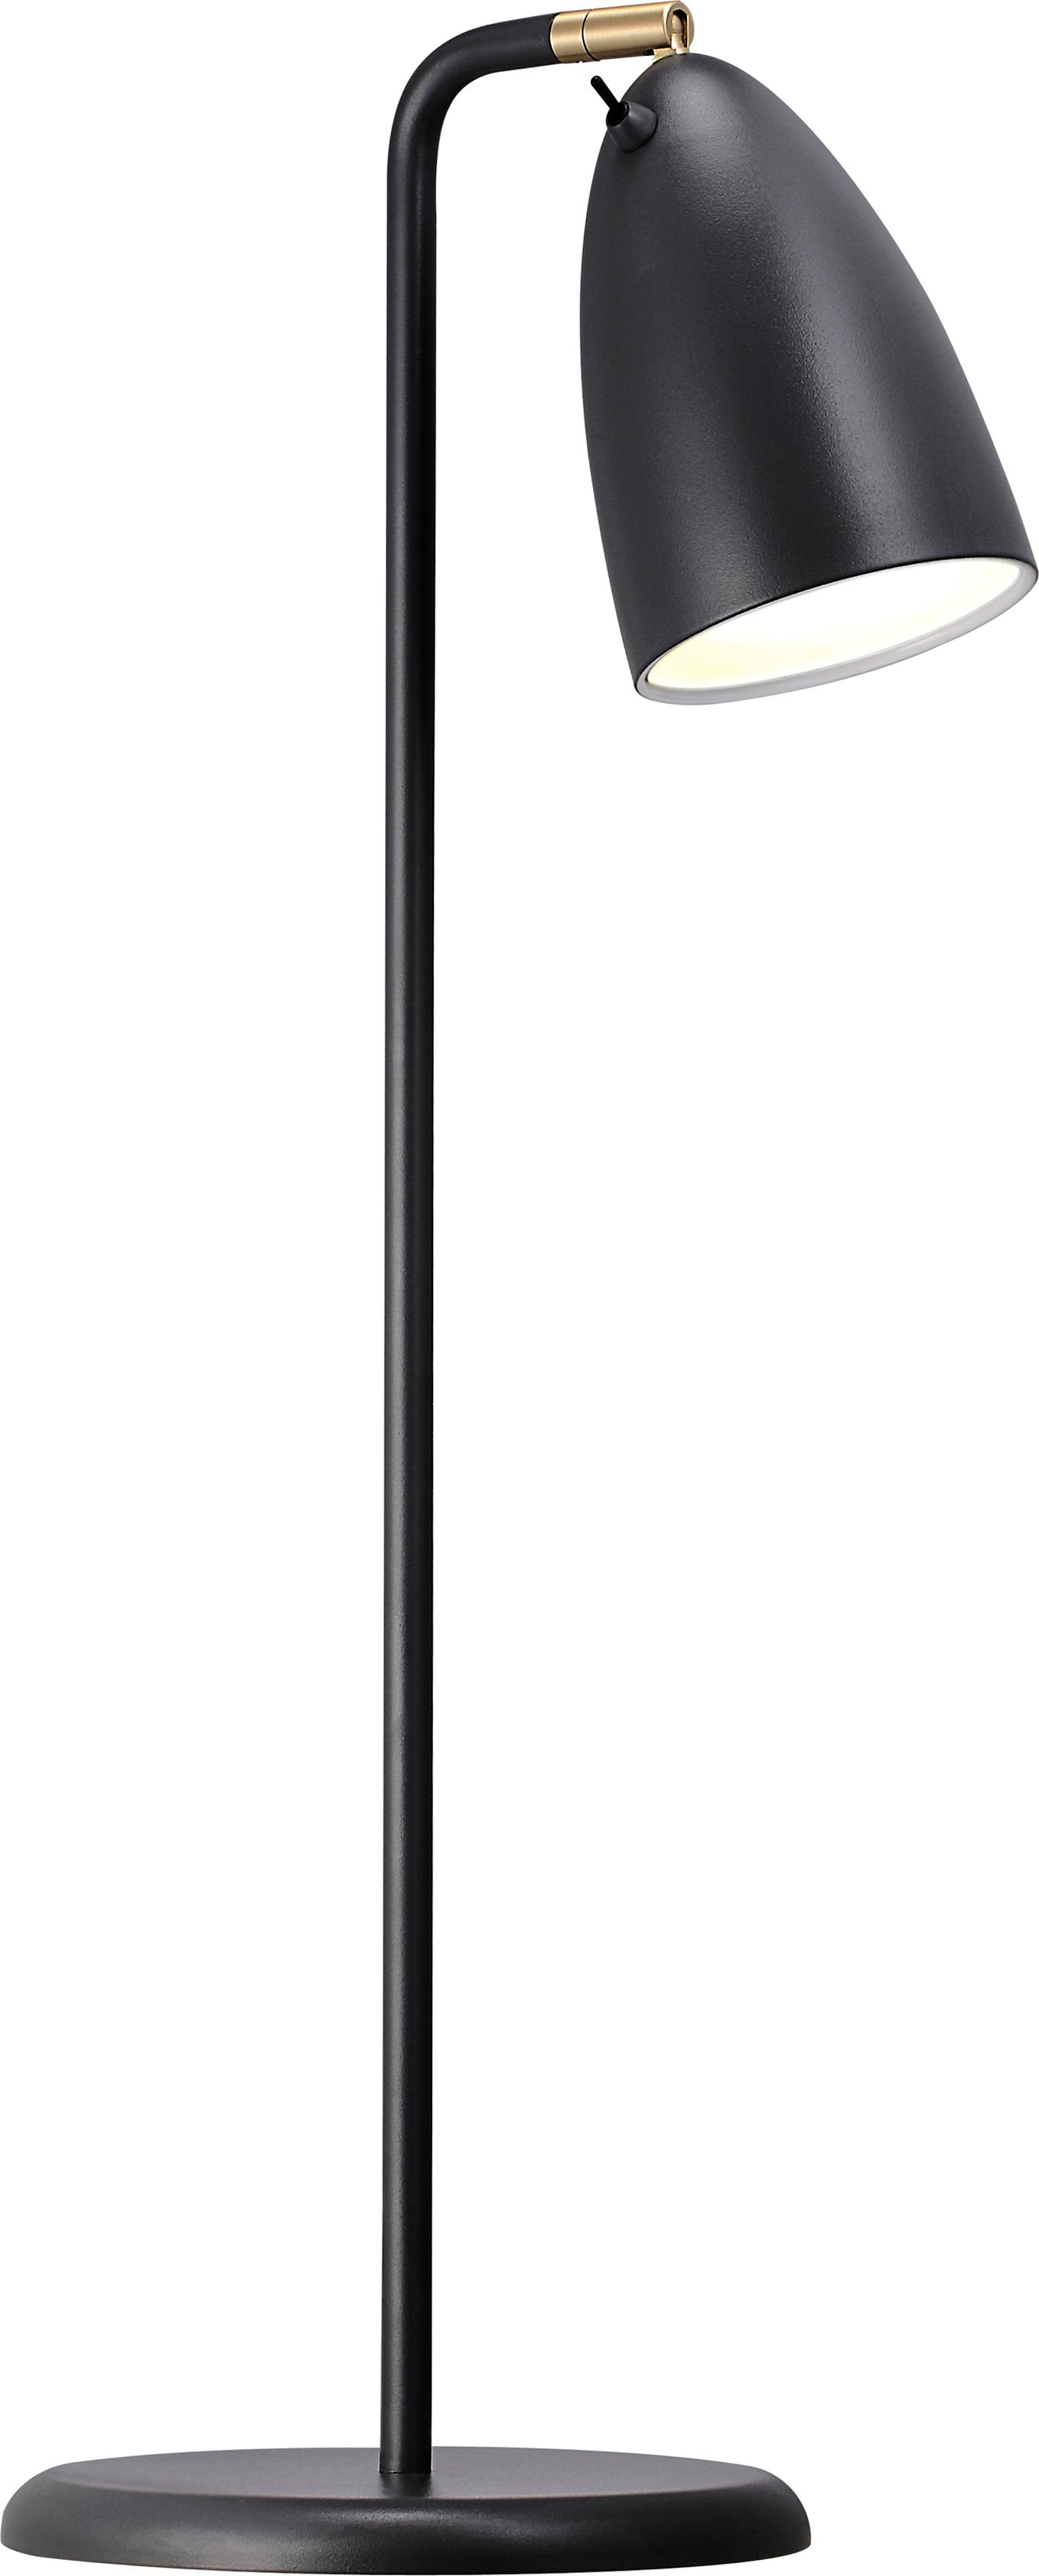 Schreibtischlampe Nexus aus Metall, Lampenschirm: Metall, pulverbeschichtet, Lampenfuß: Metall, pulverbeschichtet, Dekor: Metall, vermessingt, Schwarz, 28 x 63 cm